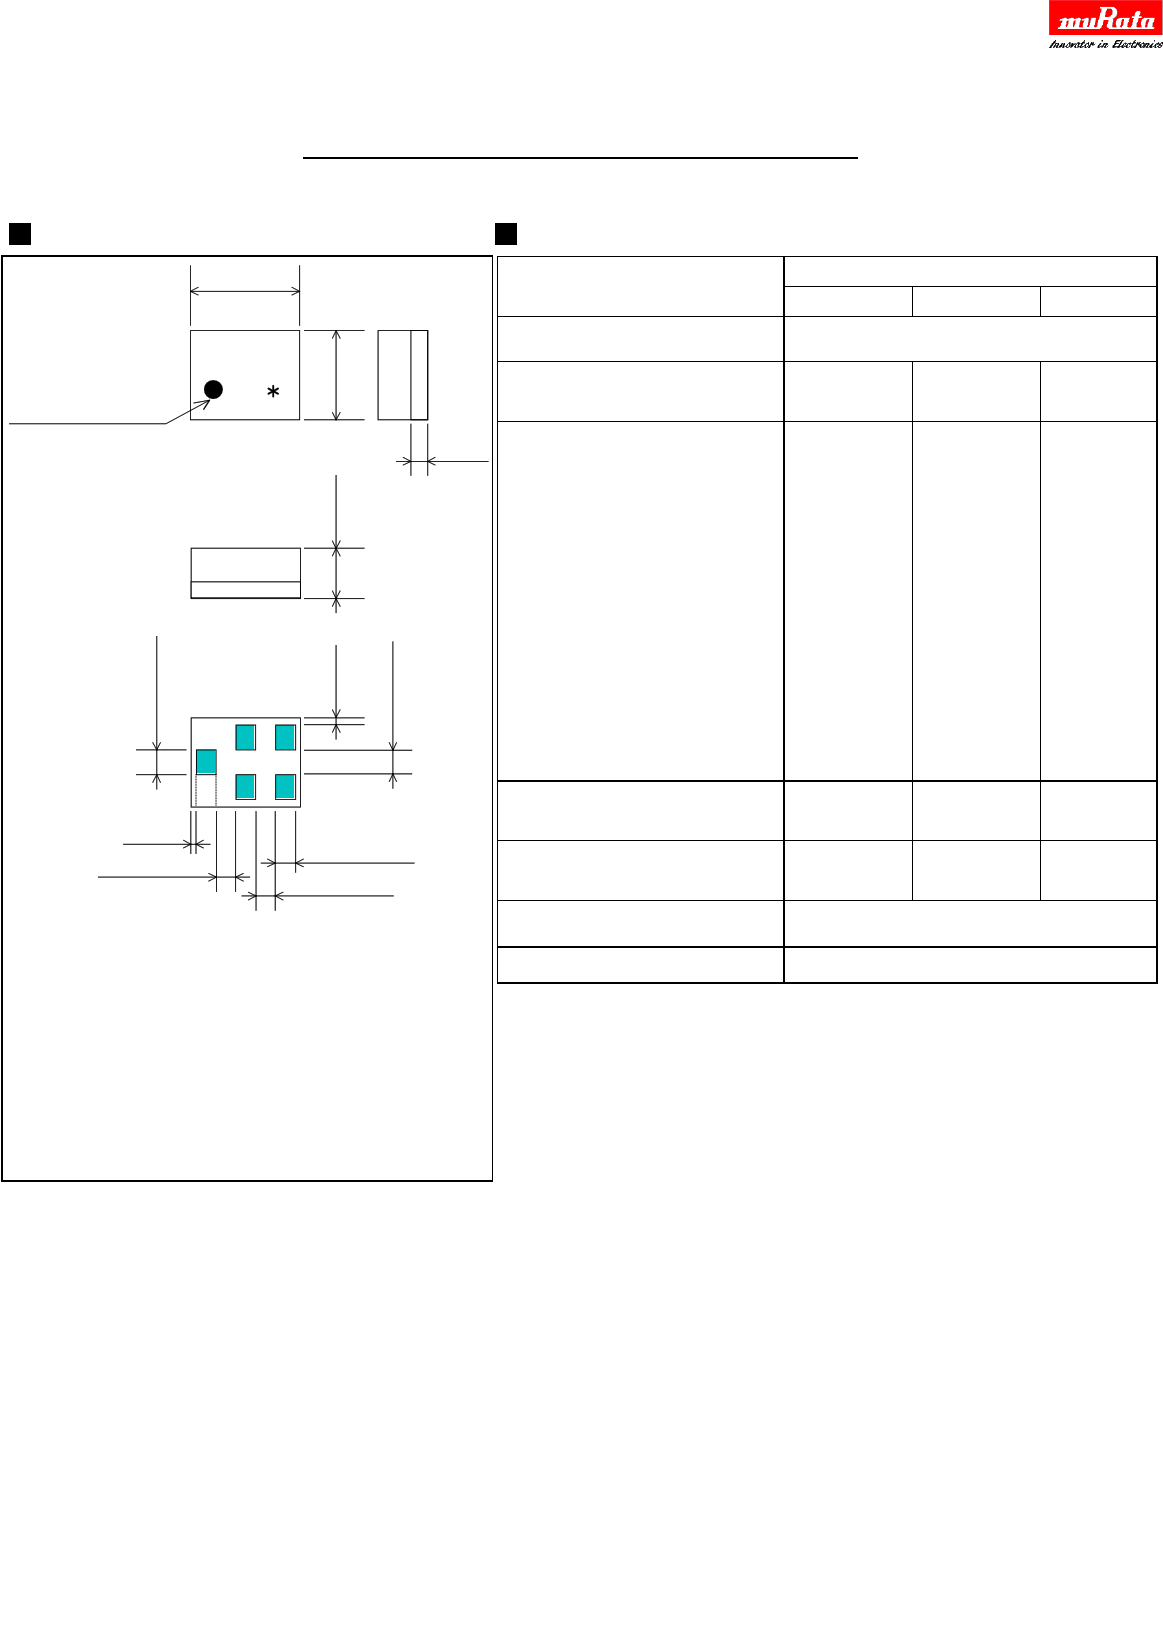 SAFFB710MAA0F0A 데이터시트 및 SAFFB710MAA0F0A PDF